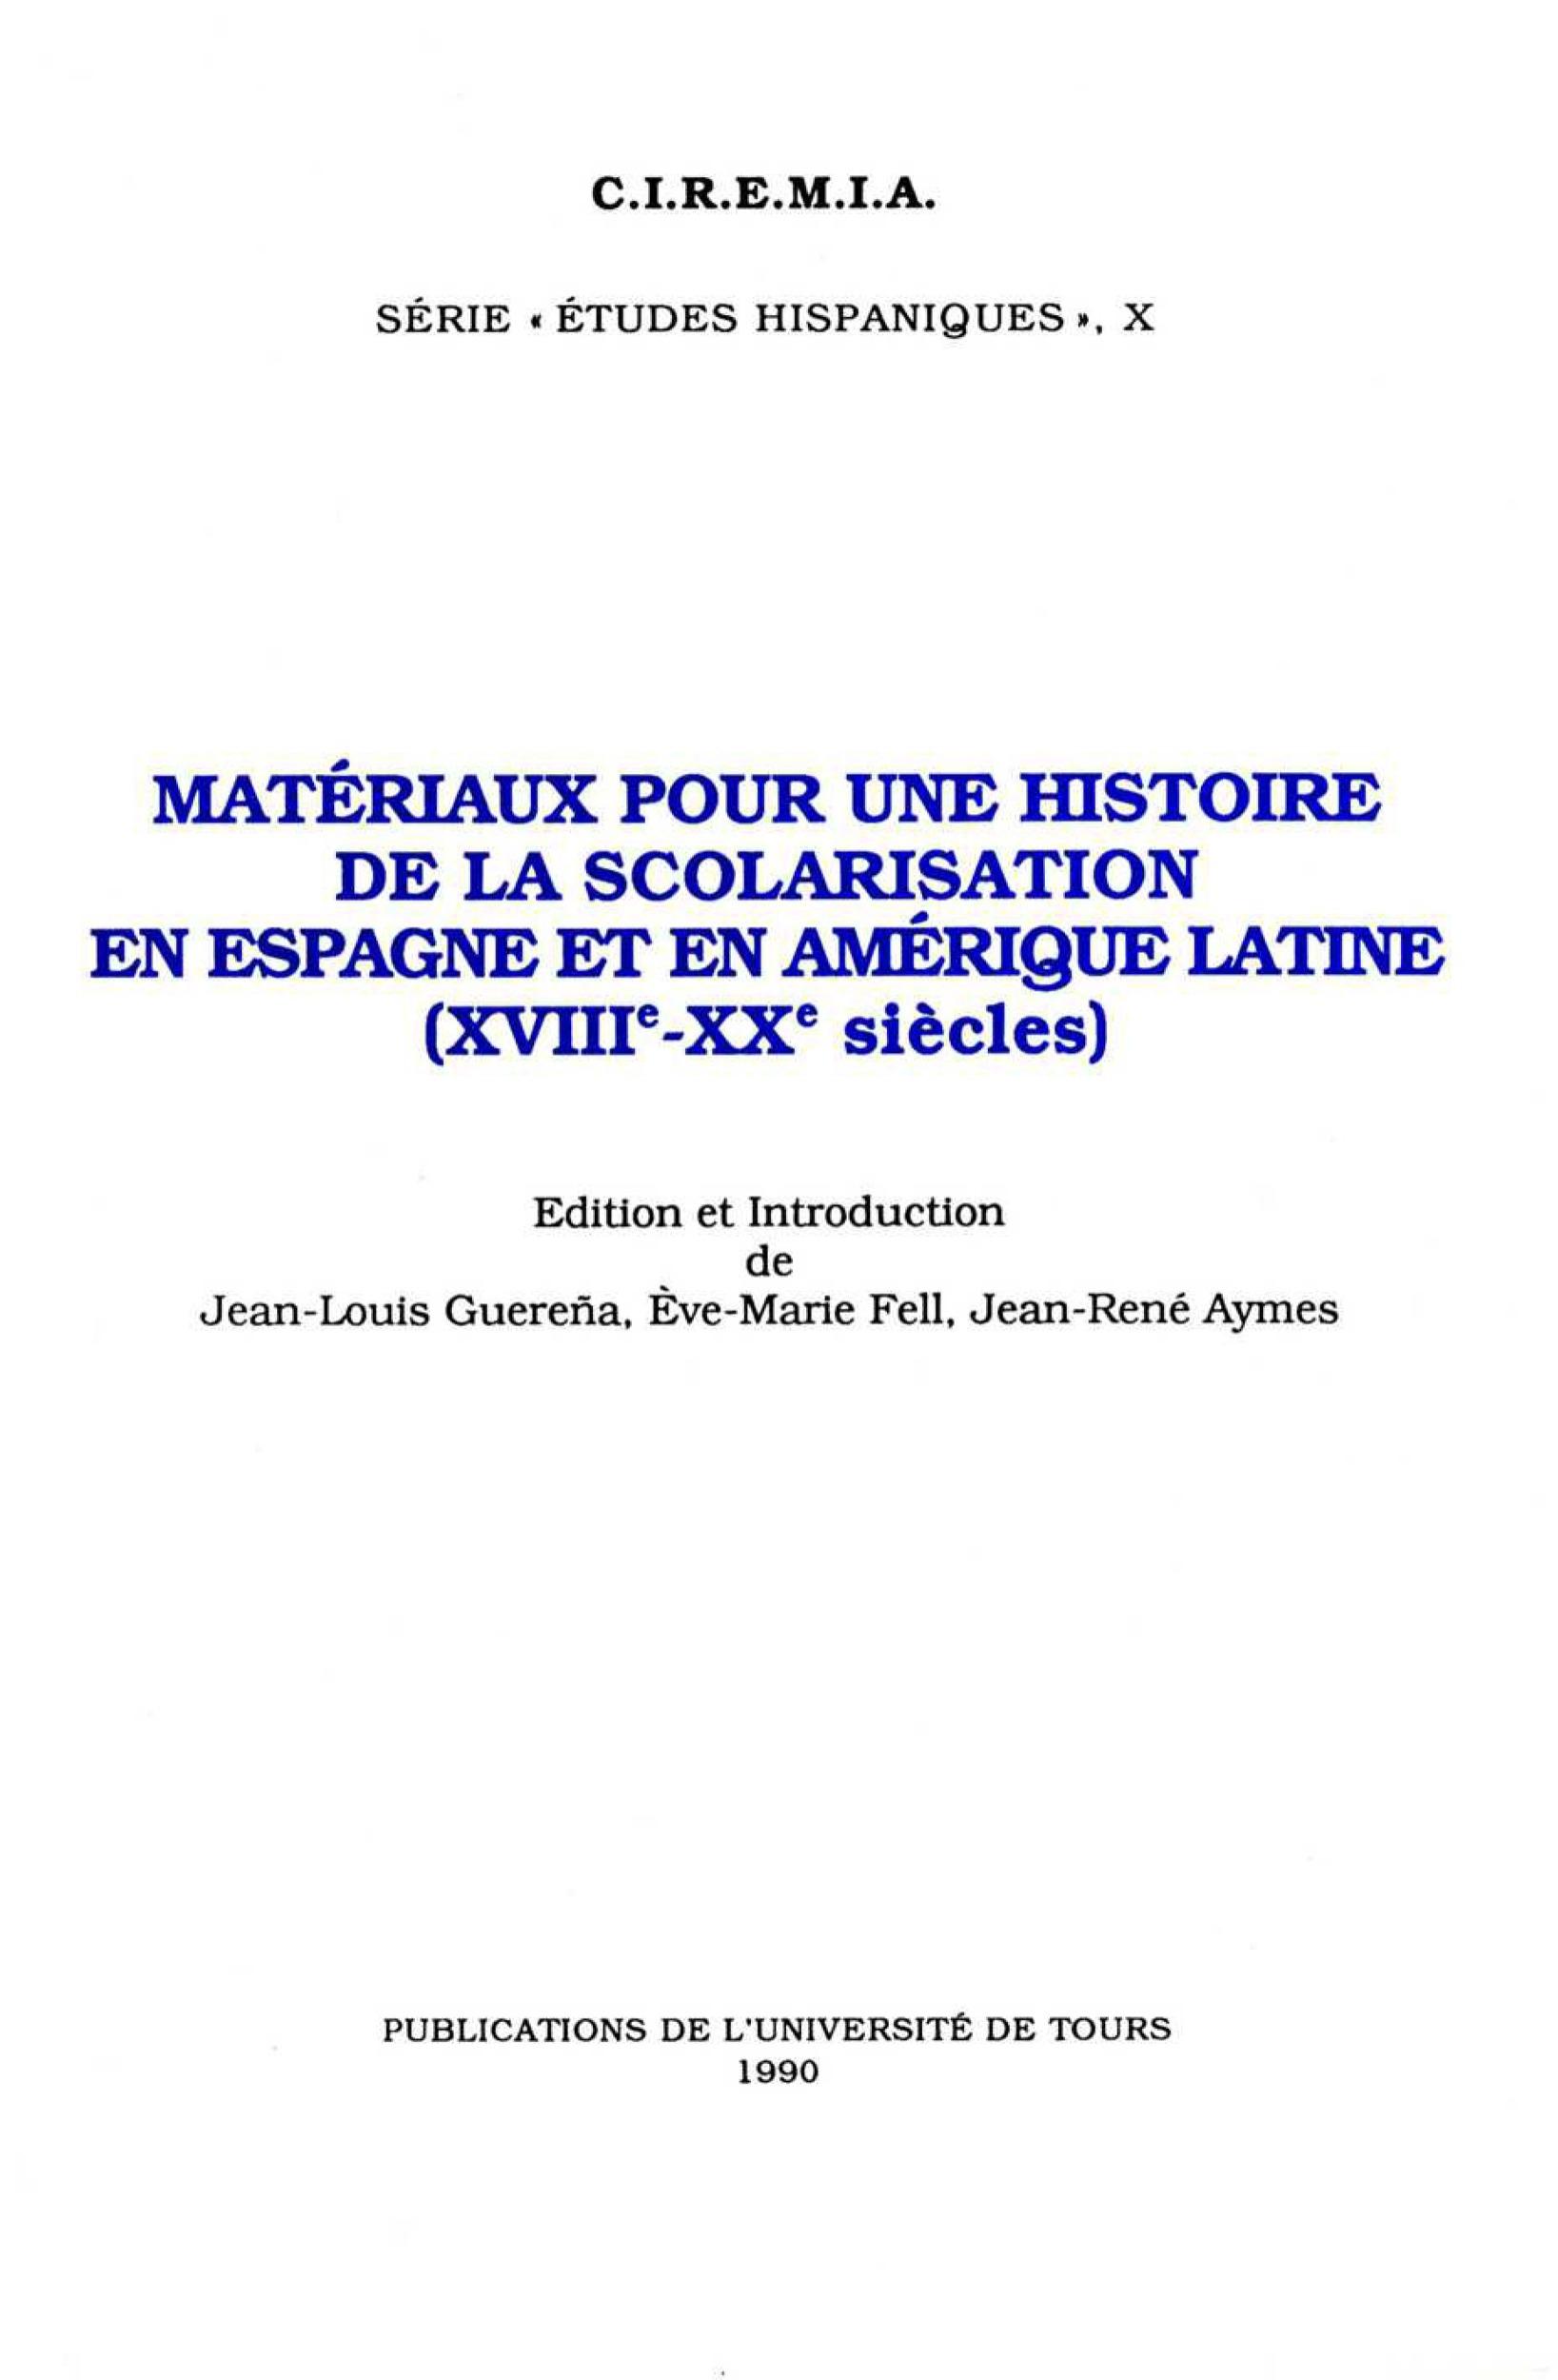 Matériaux pour une histoire de la scolarisation en Espagne et en Amérique Latine (XVIIIe - XXe siècles)